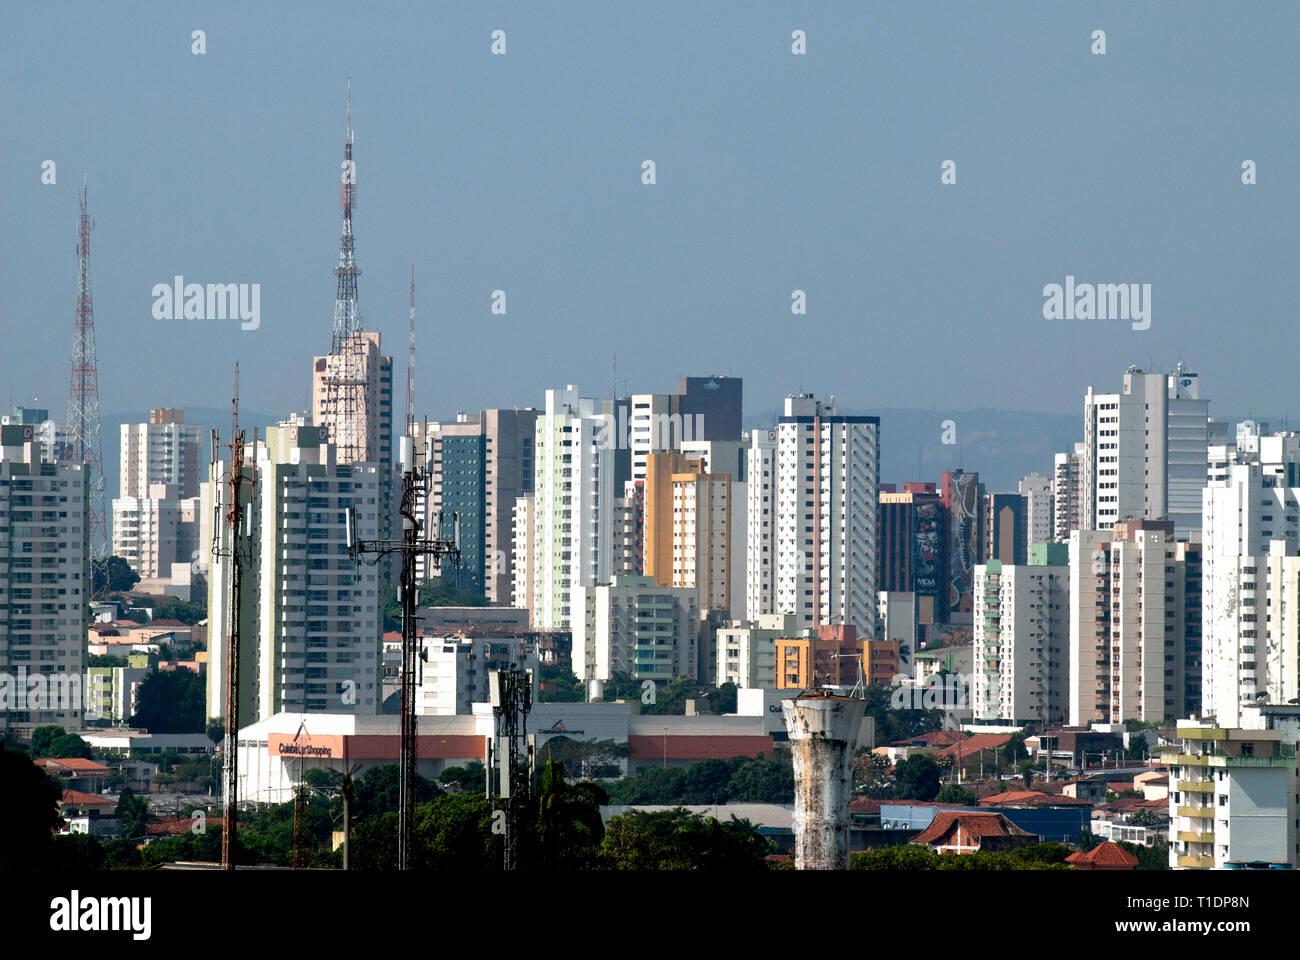 El horizonte de la ciudad de Cuiabá, capital del estado brasileño de Mato Grosso Foto de stock